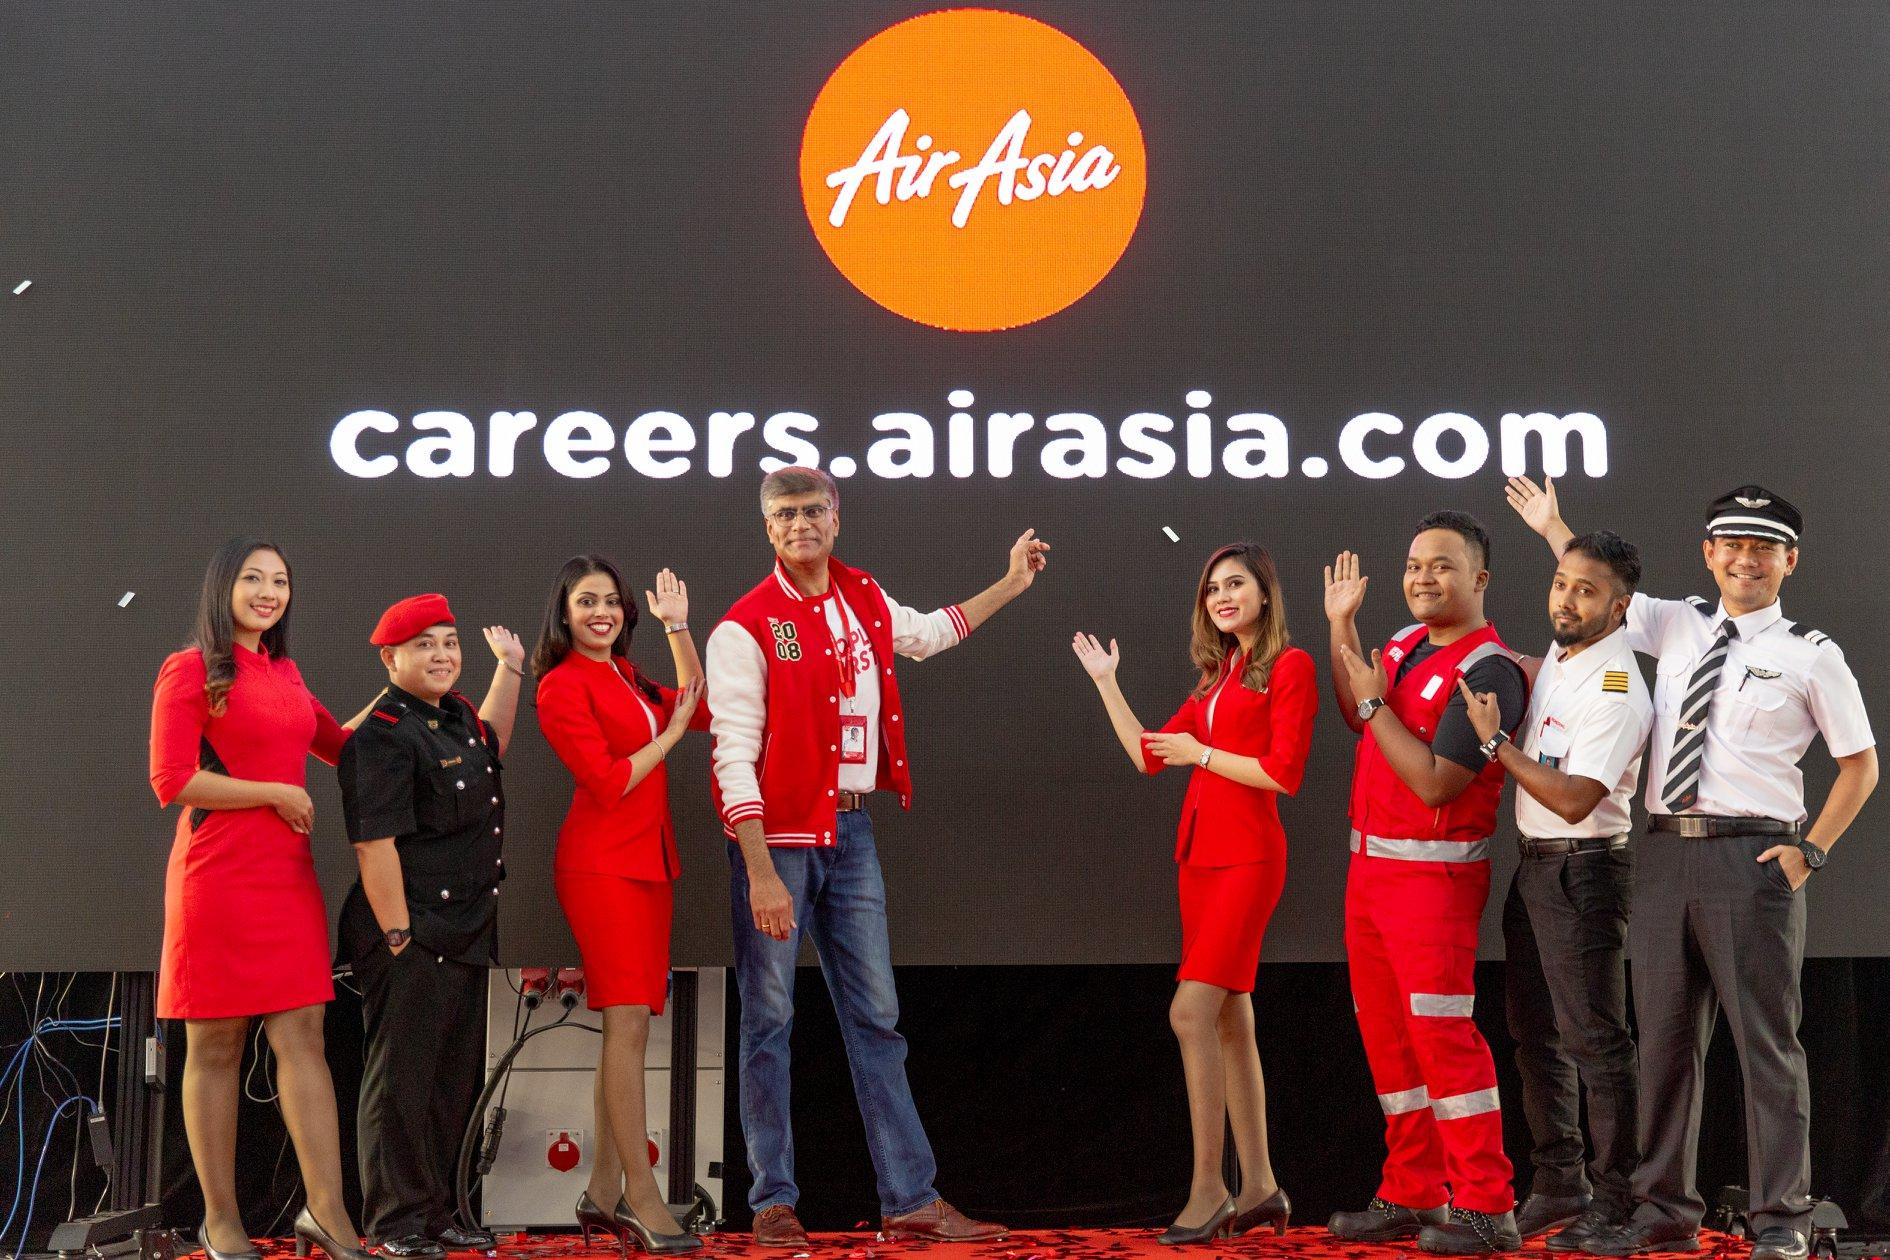 """Kenyataan Gambar: (Empat dari kiri) Ketua Pegawai Bahagian  People and Culture  Kumpulan AirAsia Varun Bhatia bersama kakitangan AirAsia (Allstars) di majlis pelancaran laman web kerjaya baharu AirAsia sempena acara """"People First Day"""" di ibu pejabat AirAsia RedQ, Sepang."""